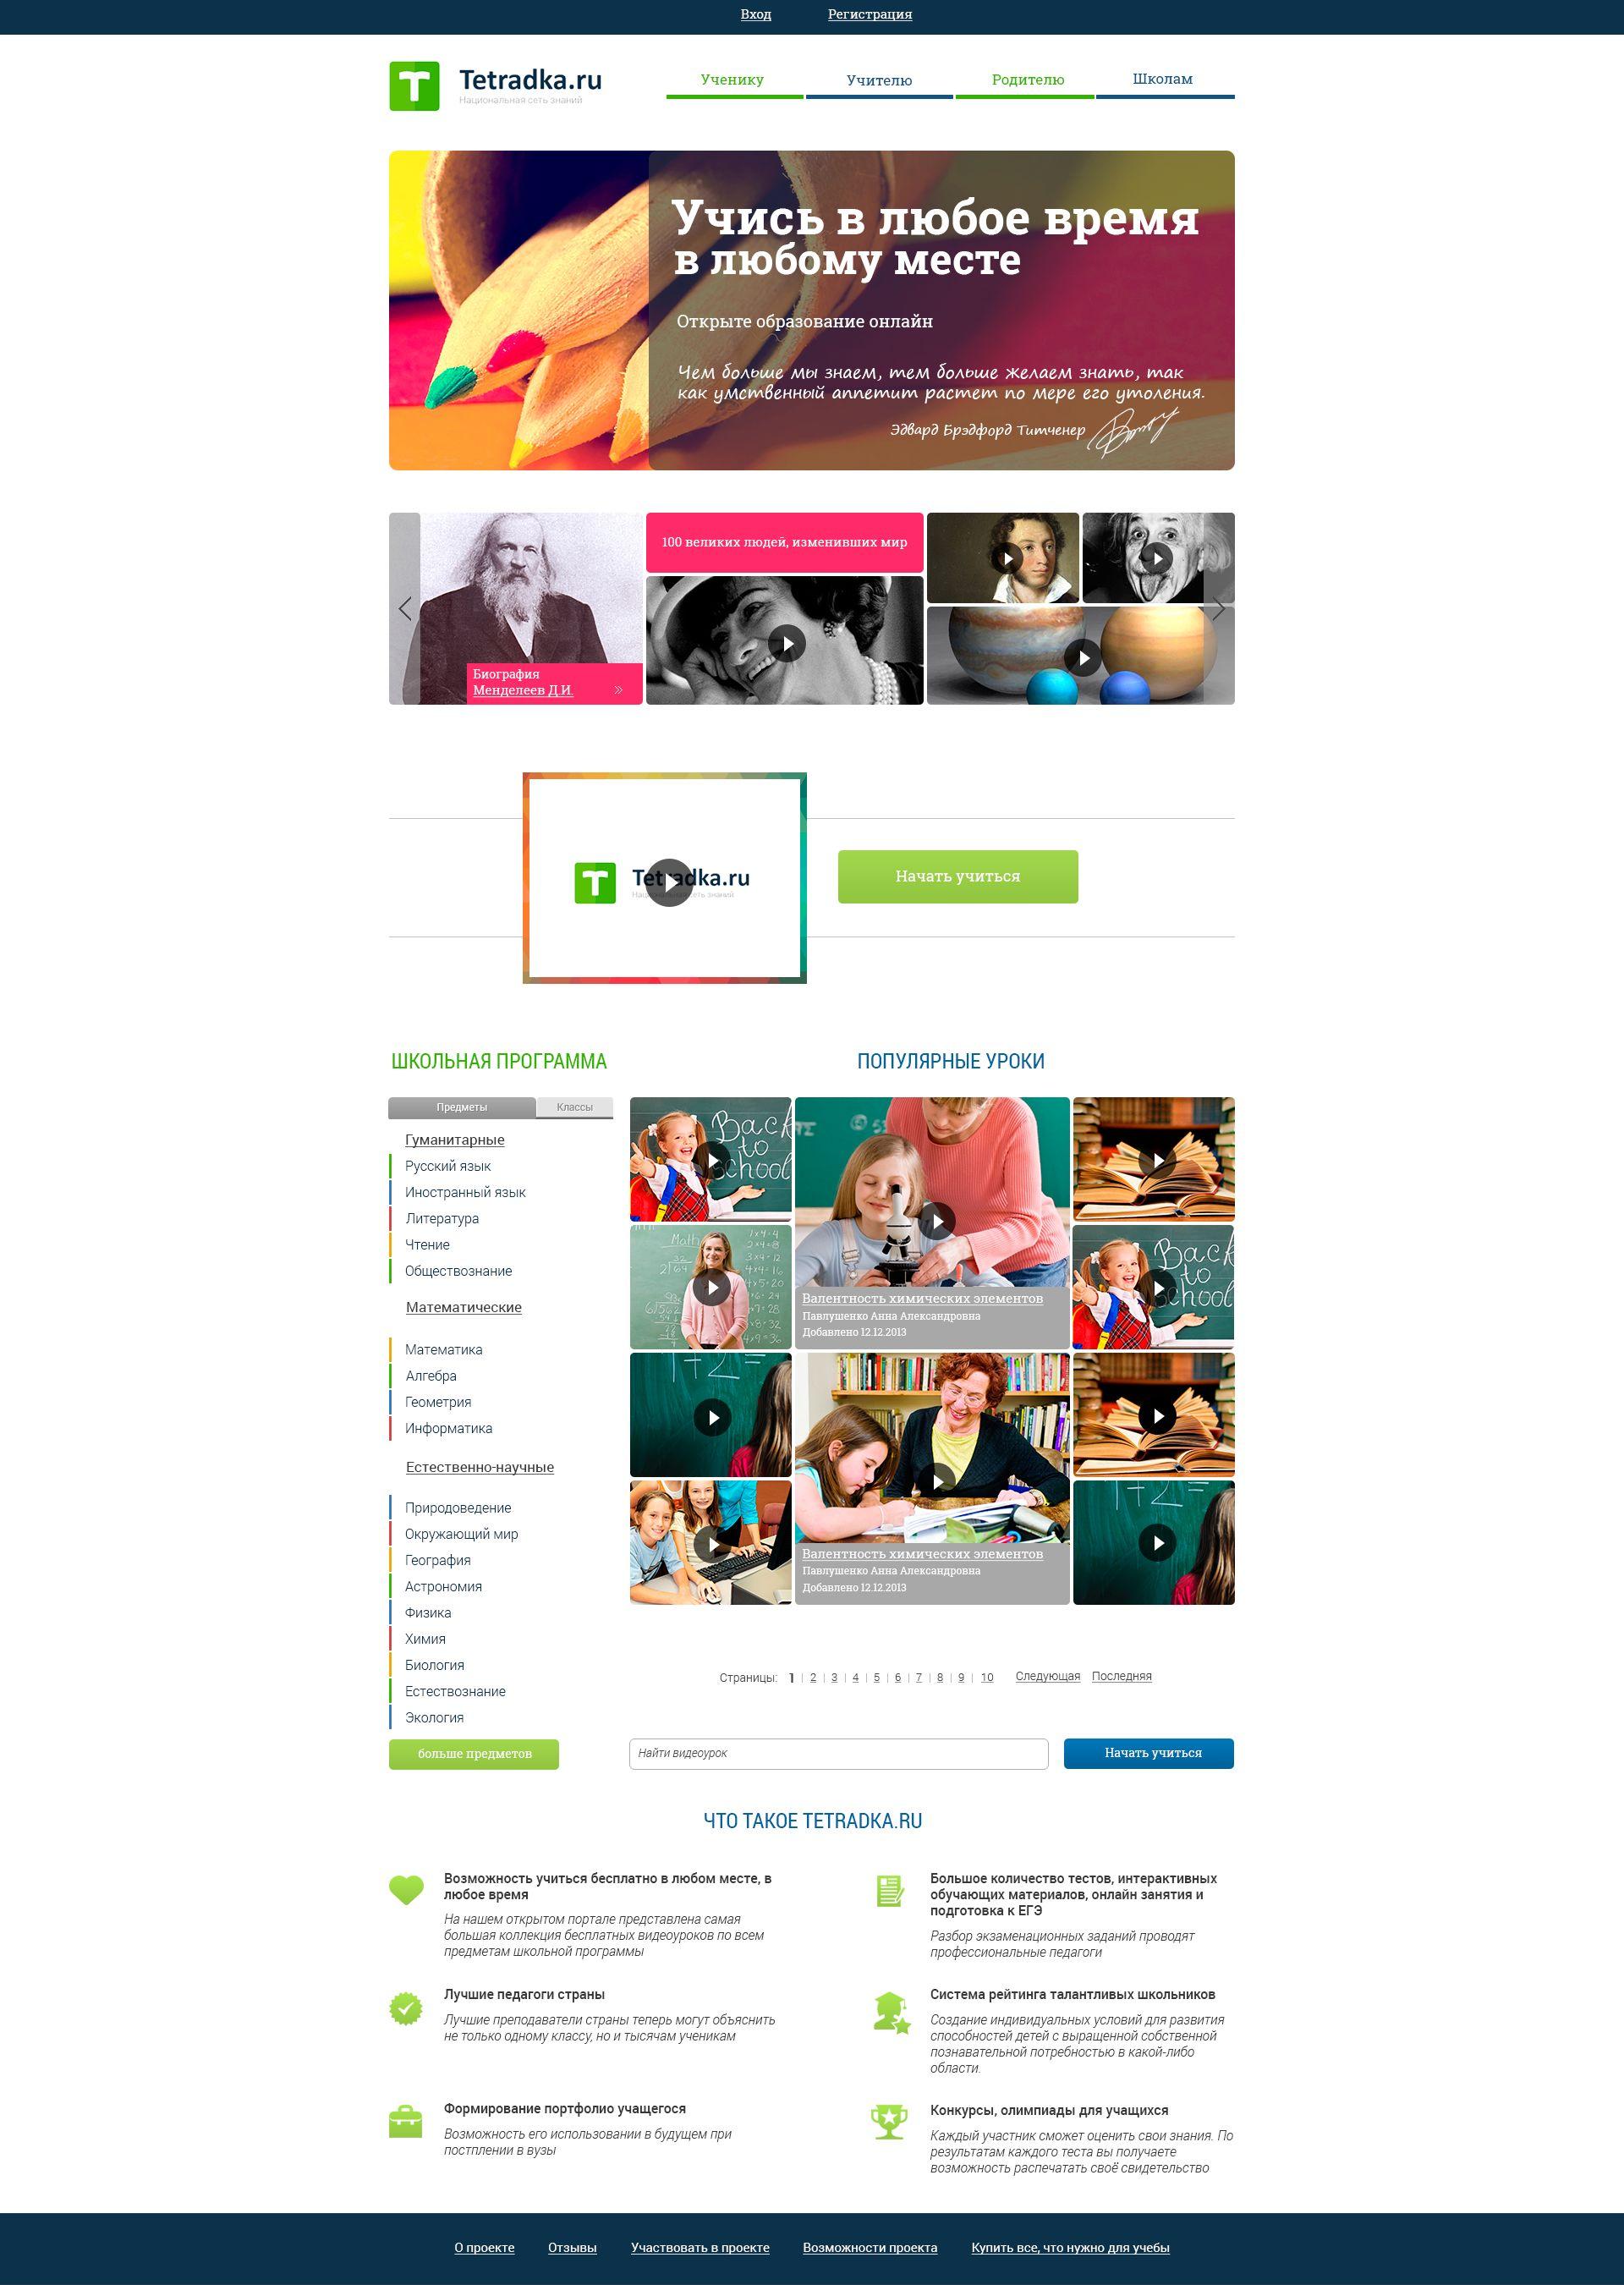 Главная страница образовательной сети tetradka.ru - дизайнер svq